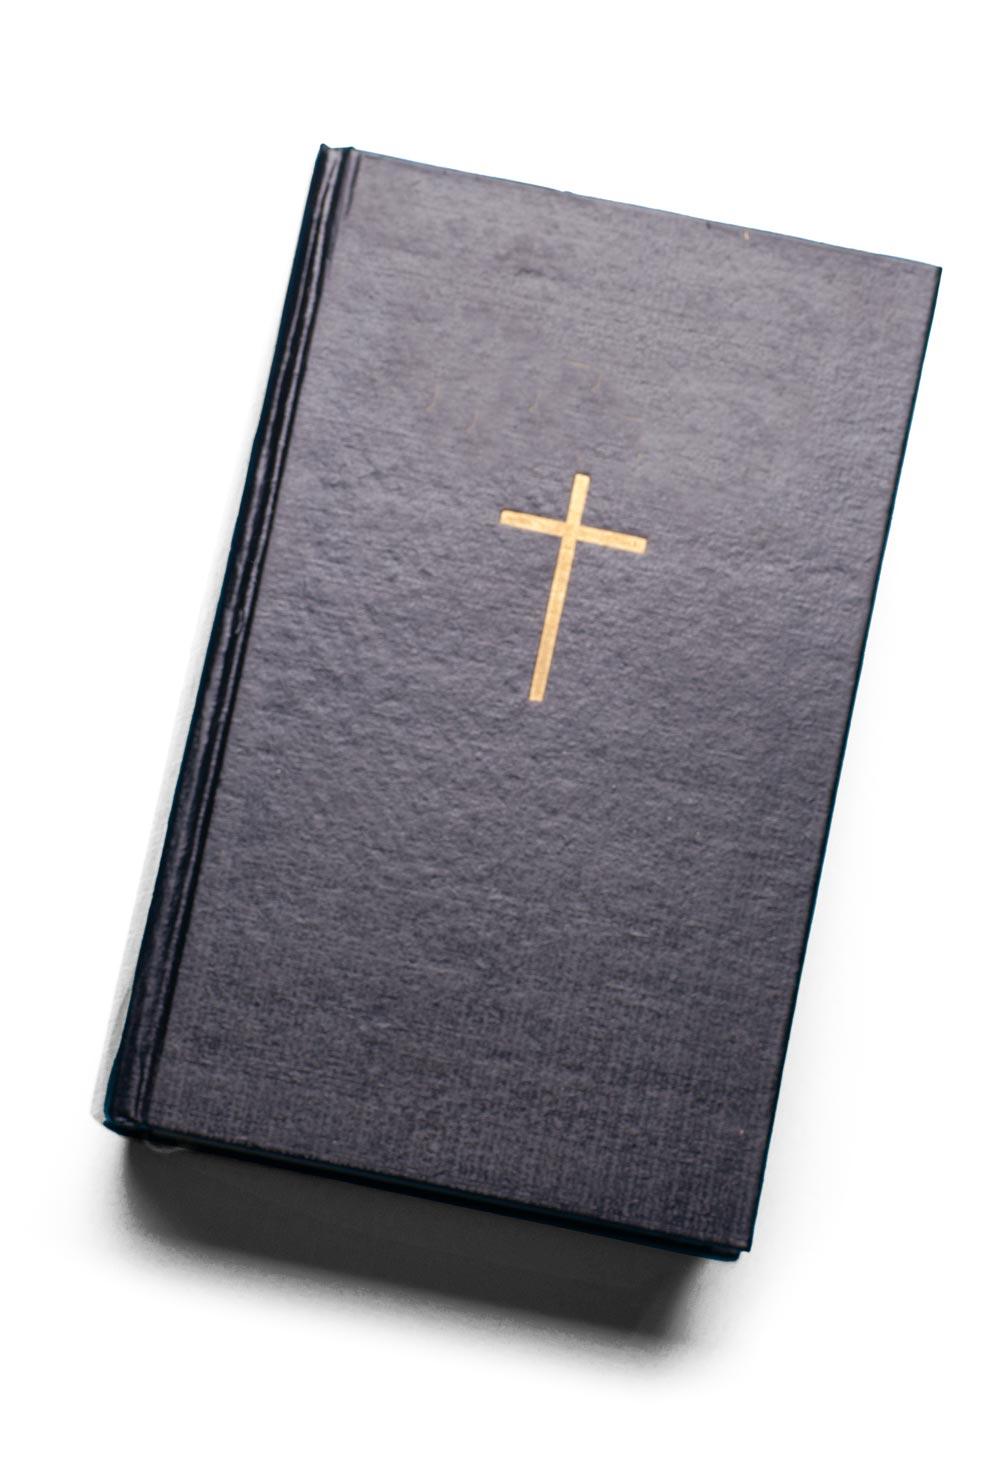 Bild einer Bibel